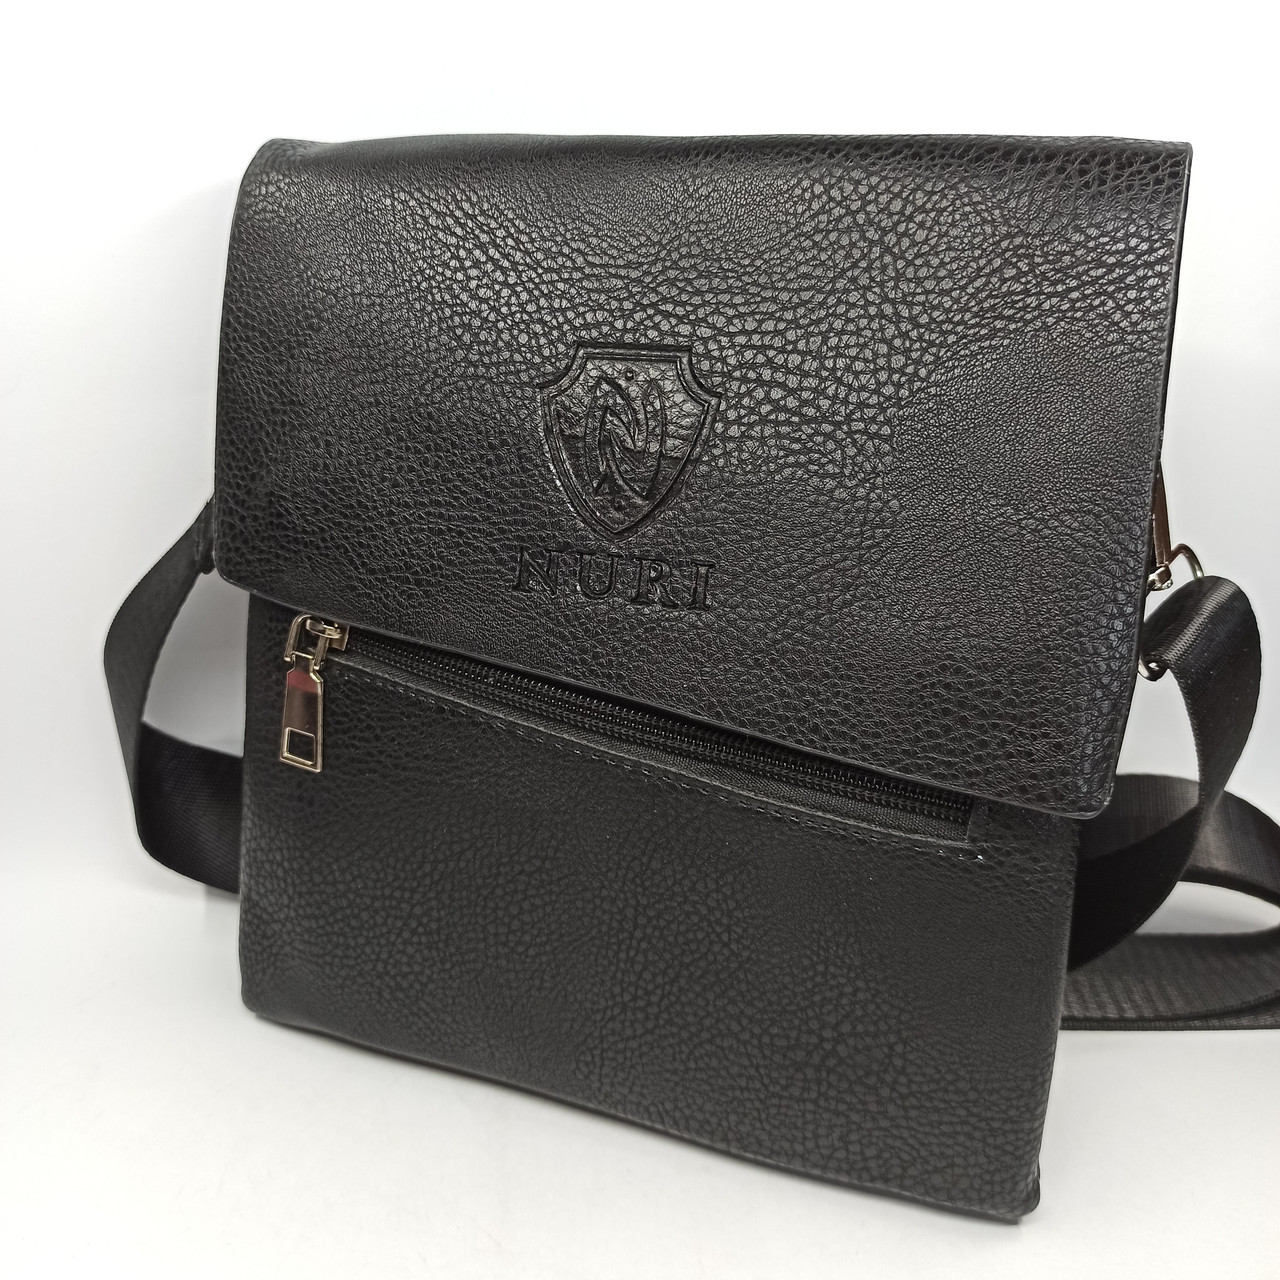 Шкіряна чоловіча сумка через плече / Чоловіча шкіряна сумка через плече PUM007